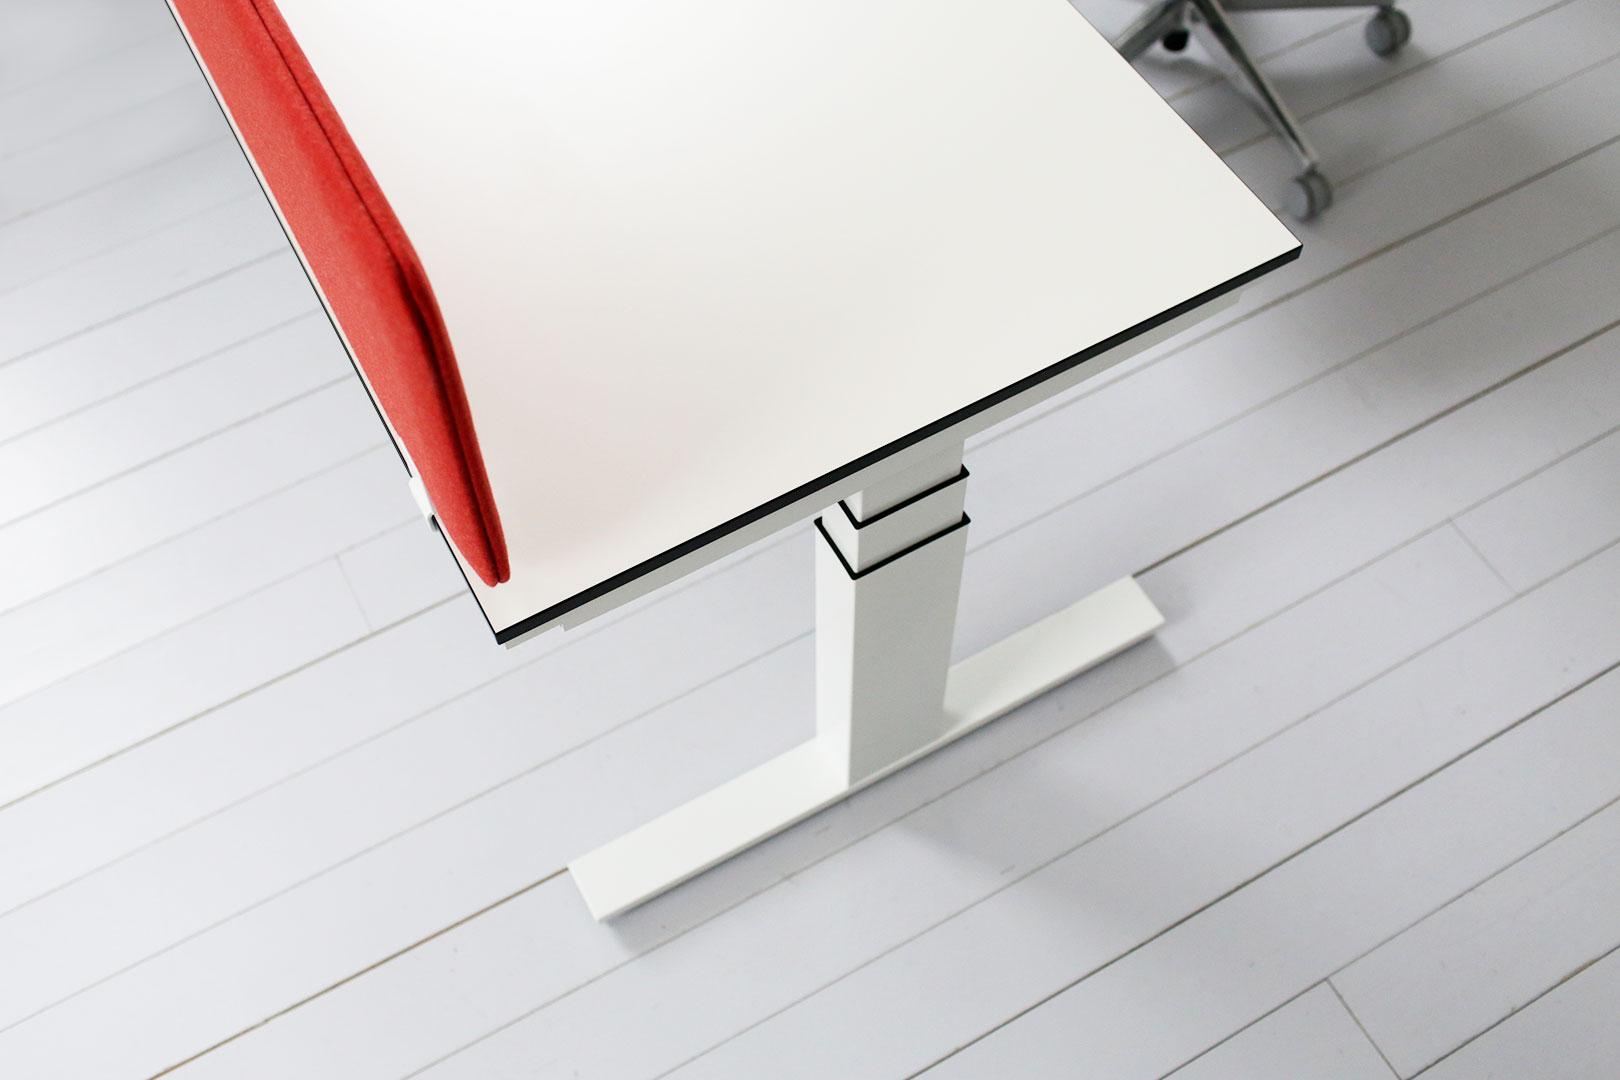 So verbessern höhenverstellbare Tische mit Desk-Control™ deine Gesundheit